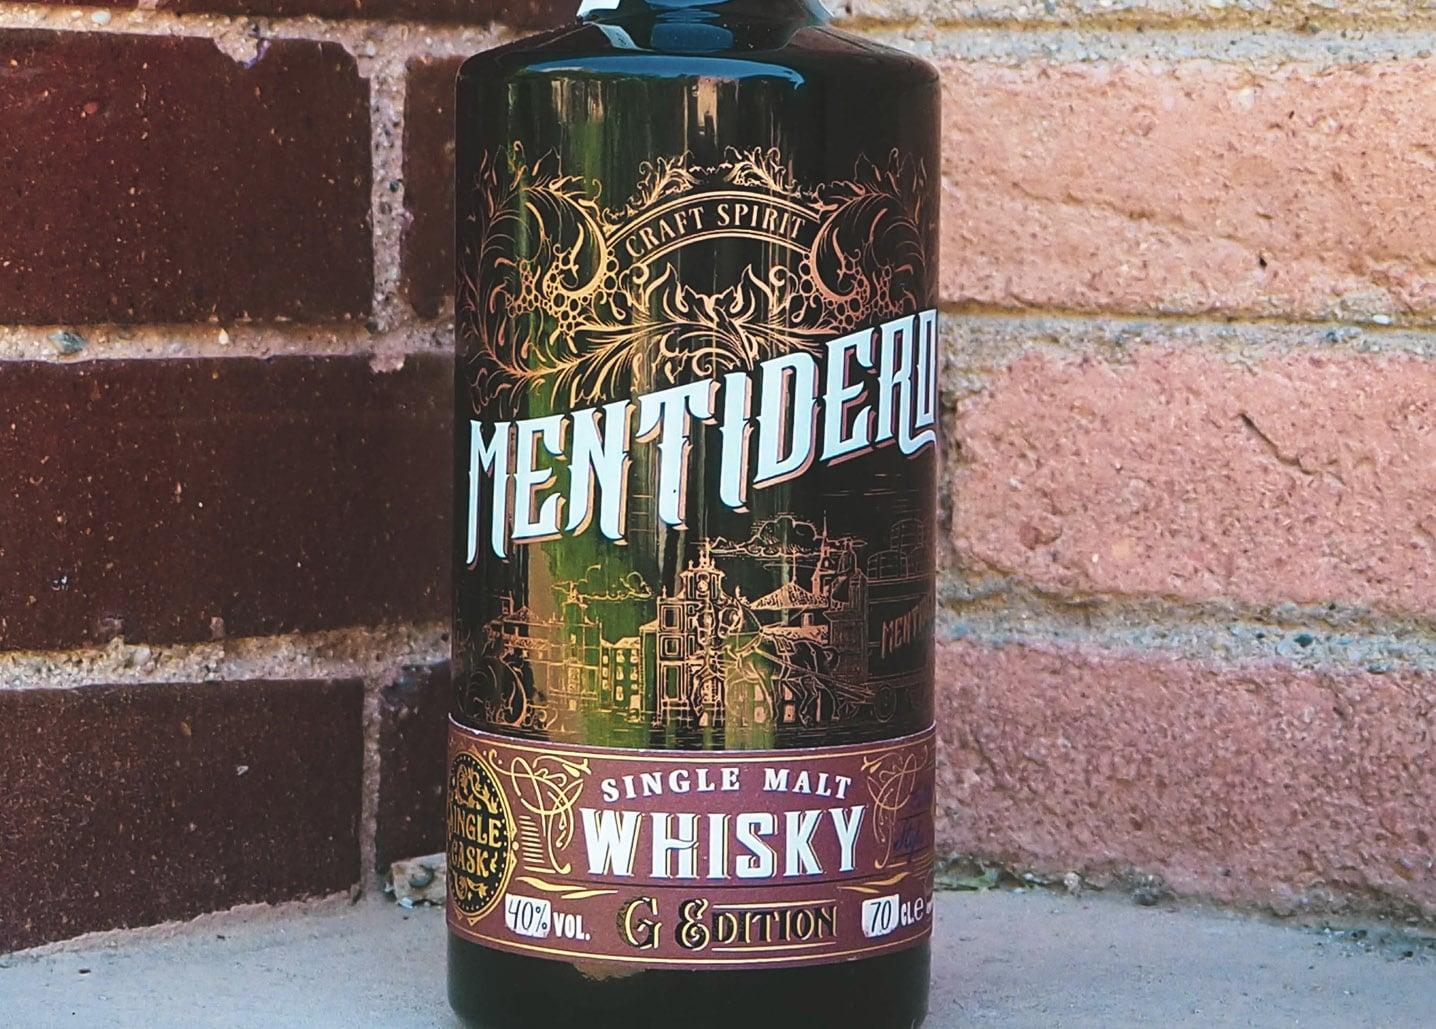 Whisky Mentidero G Edition - Todo Whisky